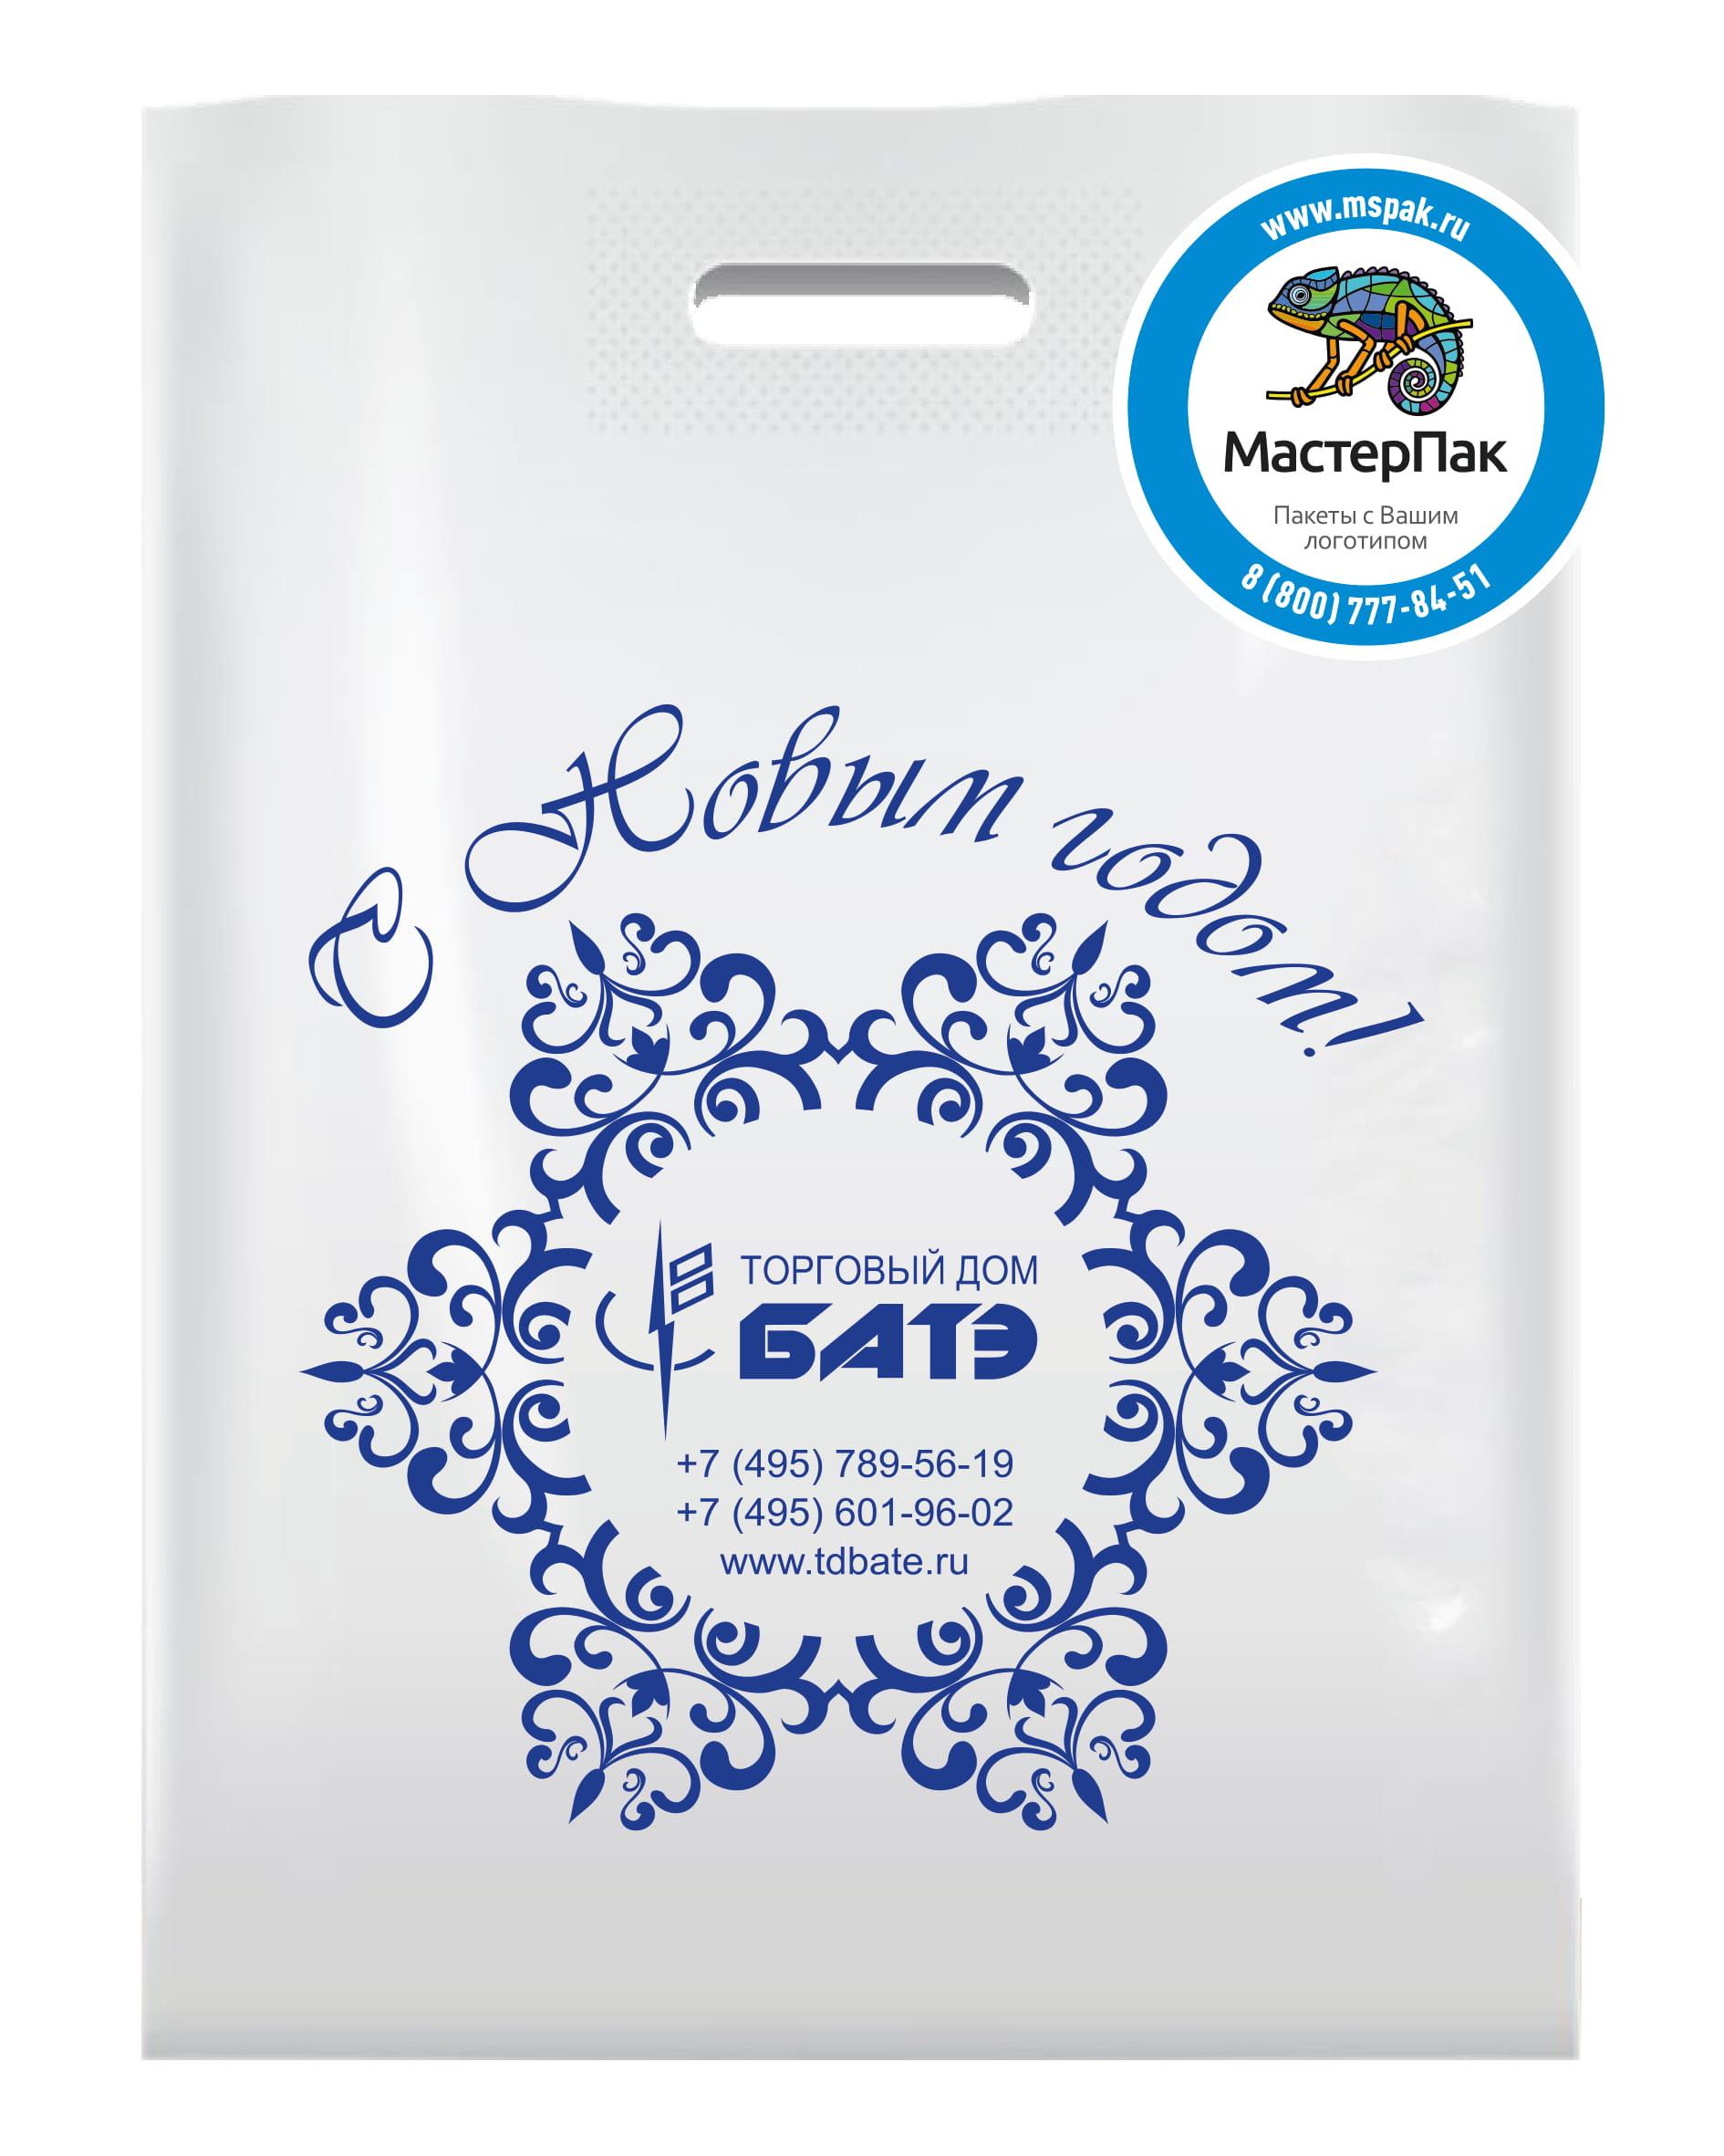 Пакет ПВД с логотипом ТД Батэ, Москва